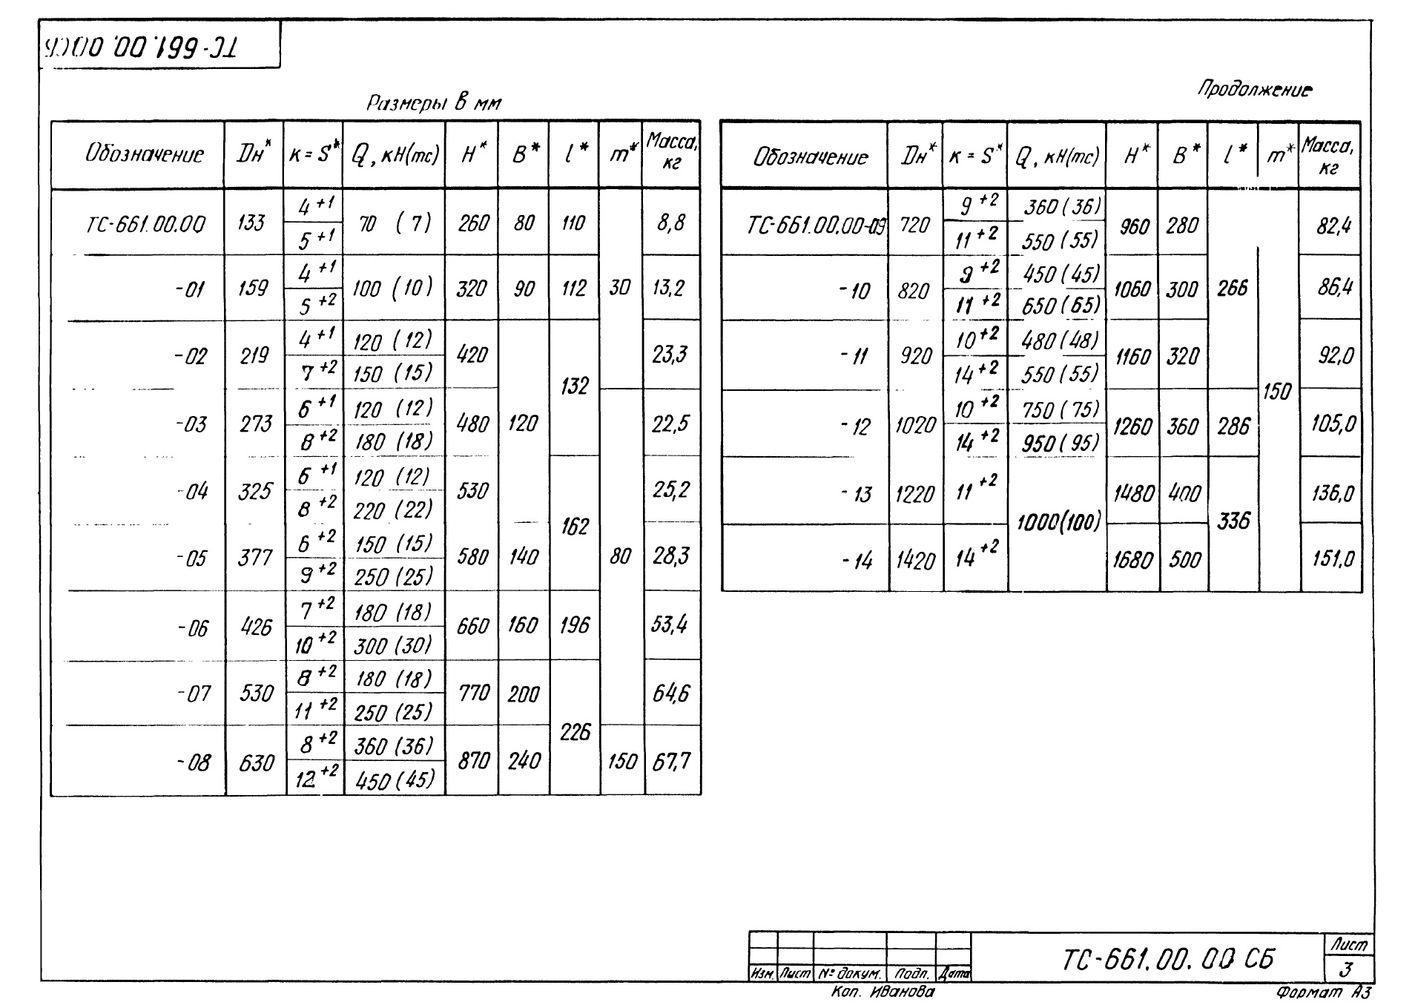 Опора неподвижная четырехупорная ТС-661.00.00 серия 5.903-13 выпуск 7-95 стр.3